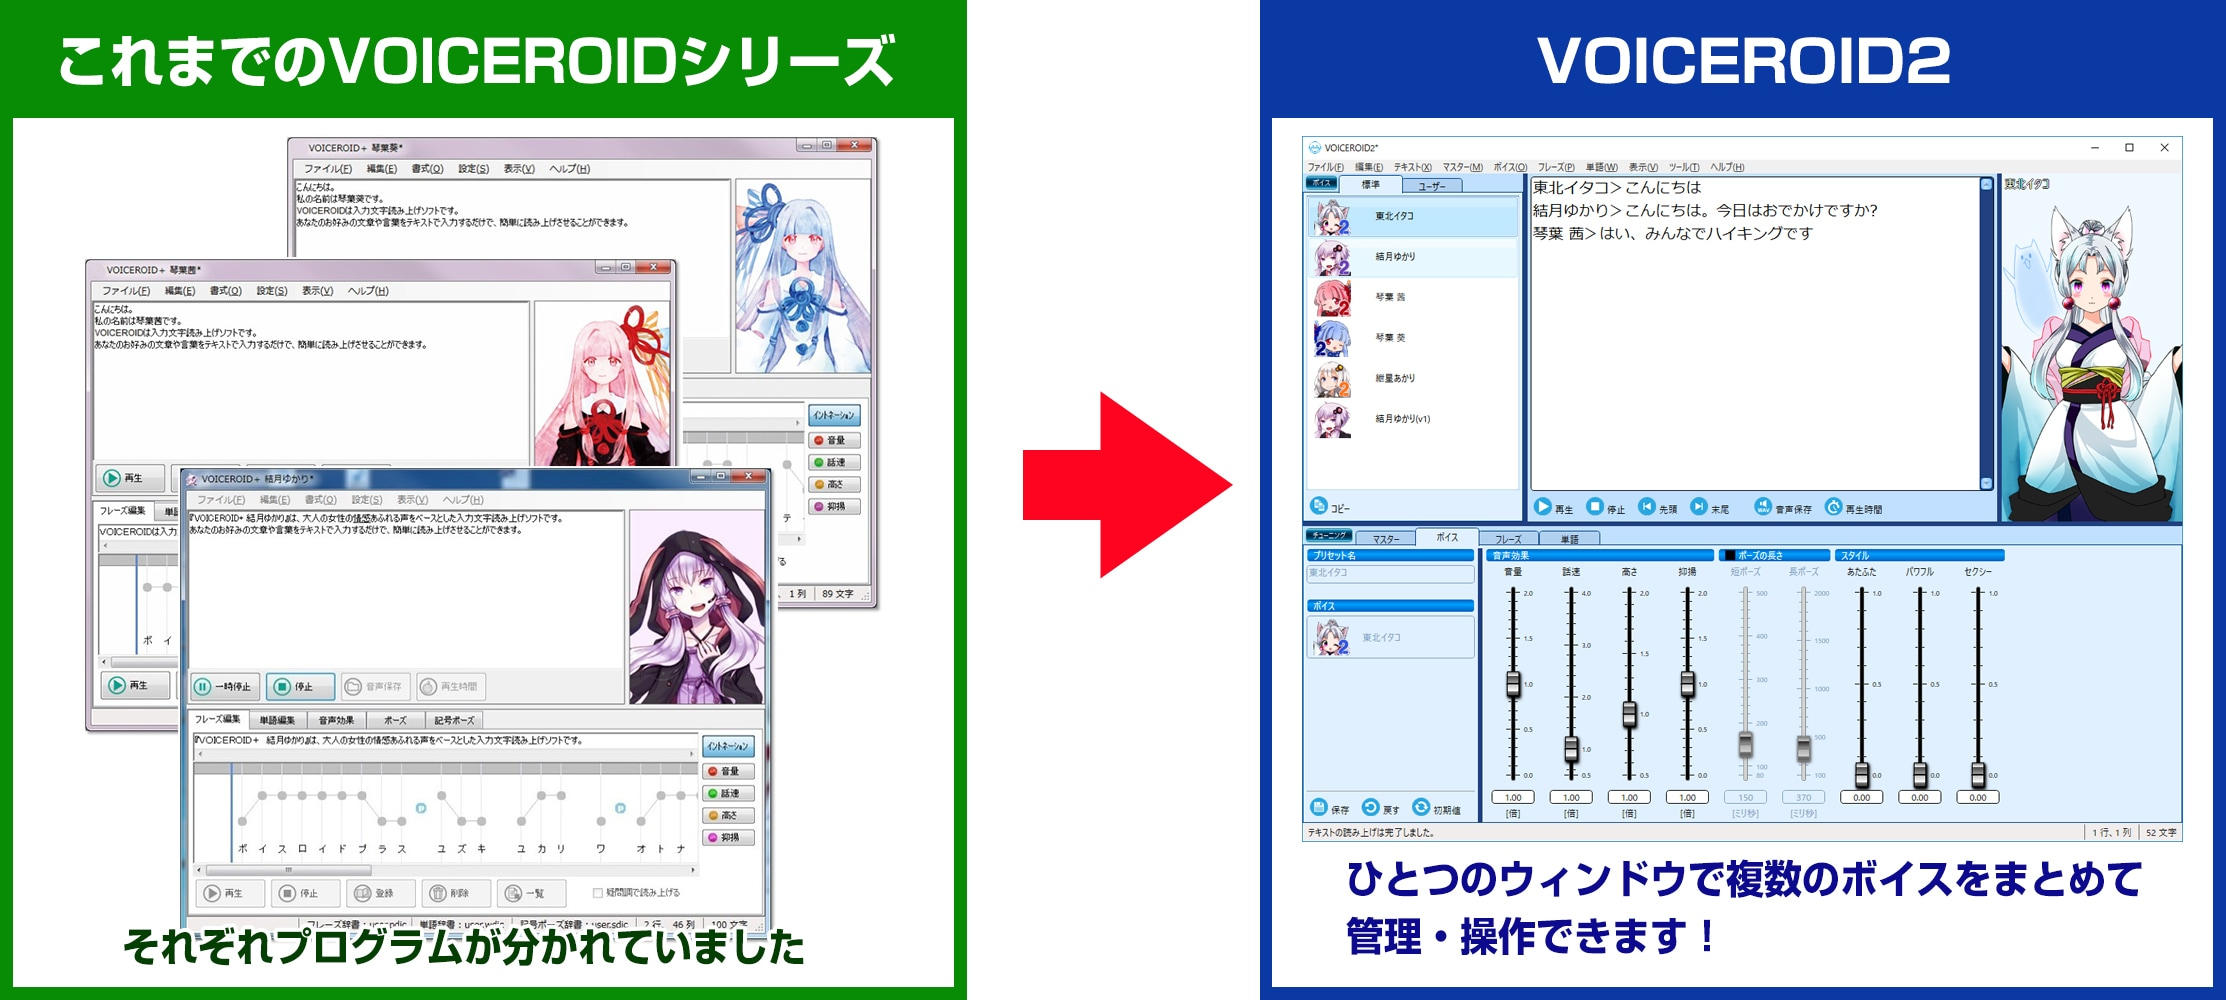 「VOICEROID2 東北イタコ」エディター画面イメージ